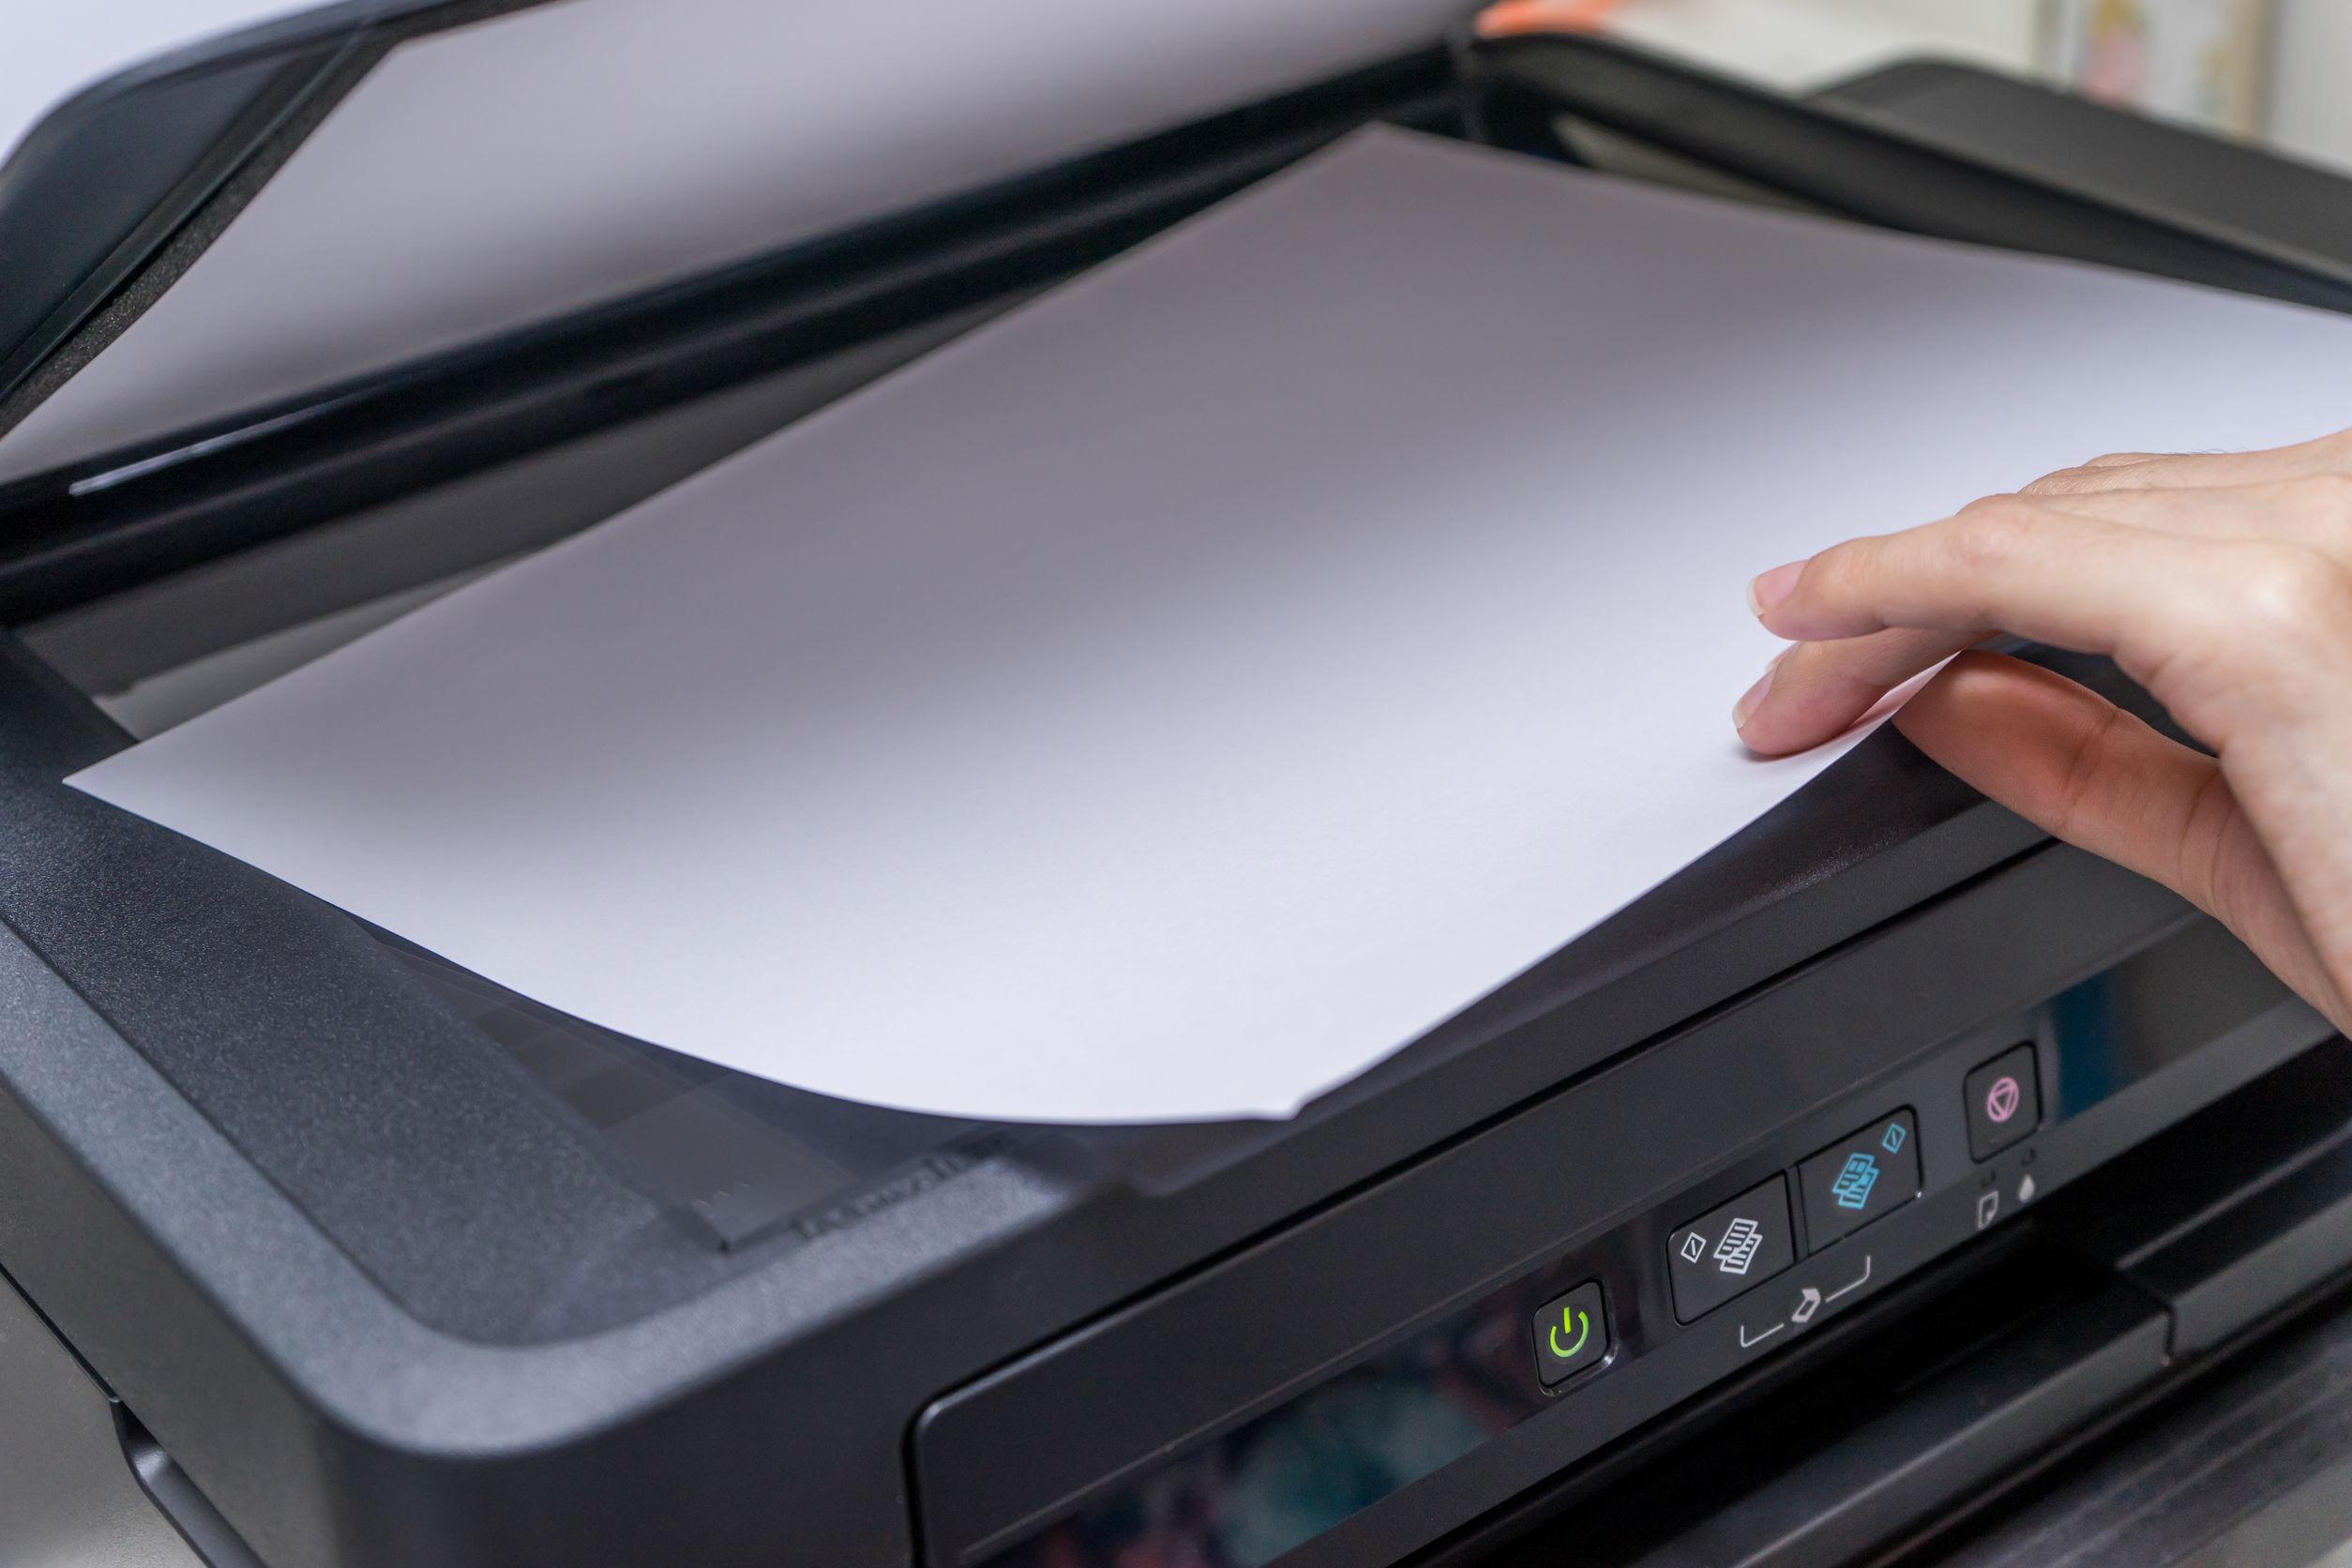 pessoa colocando papel em uma impressora multifuncional com melhor custo benefício